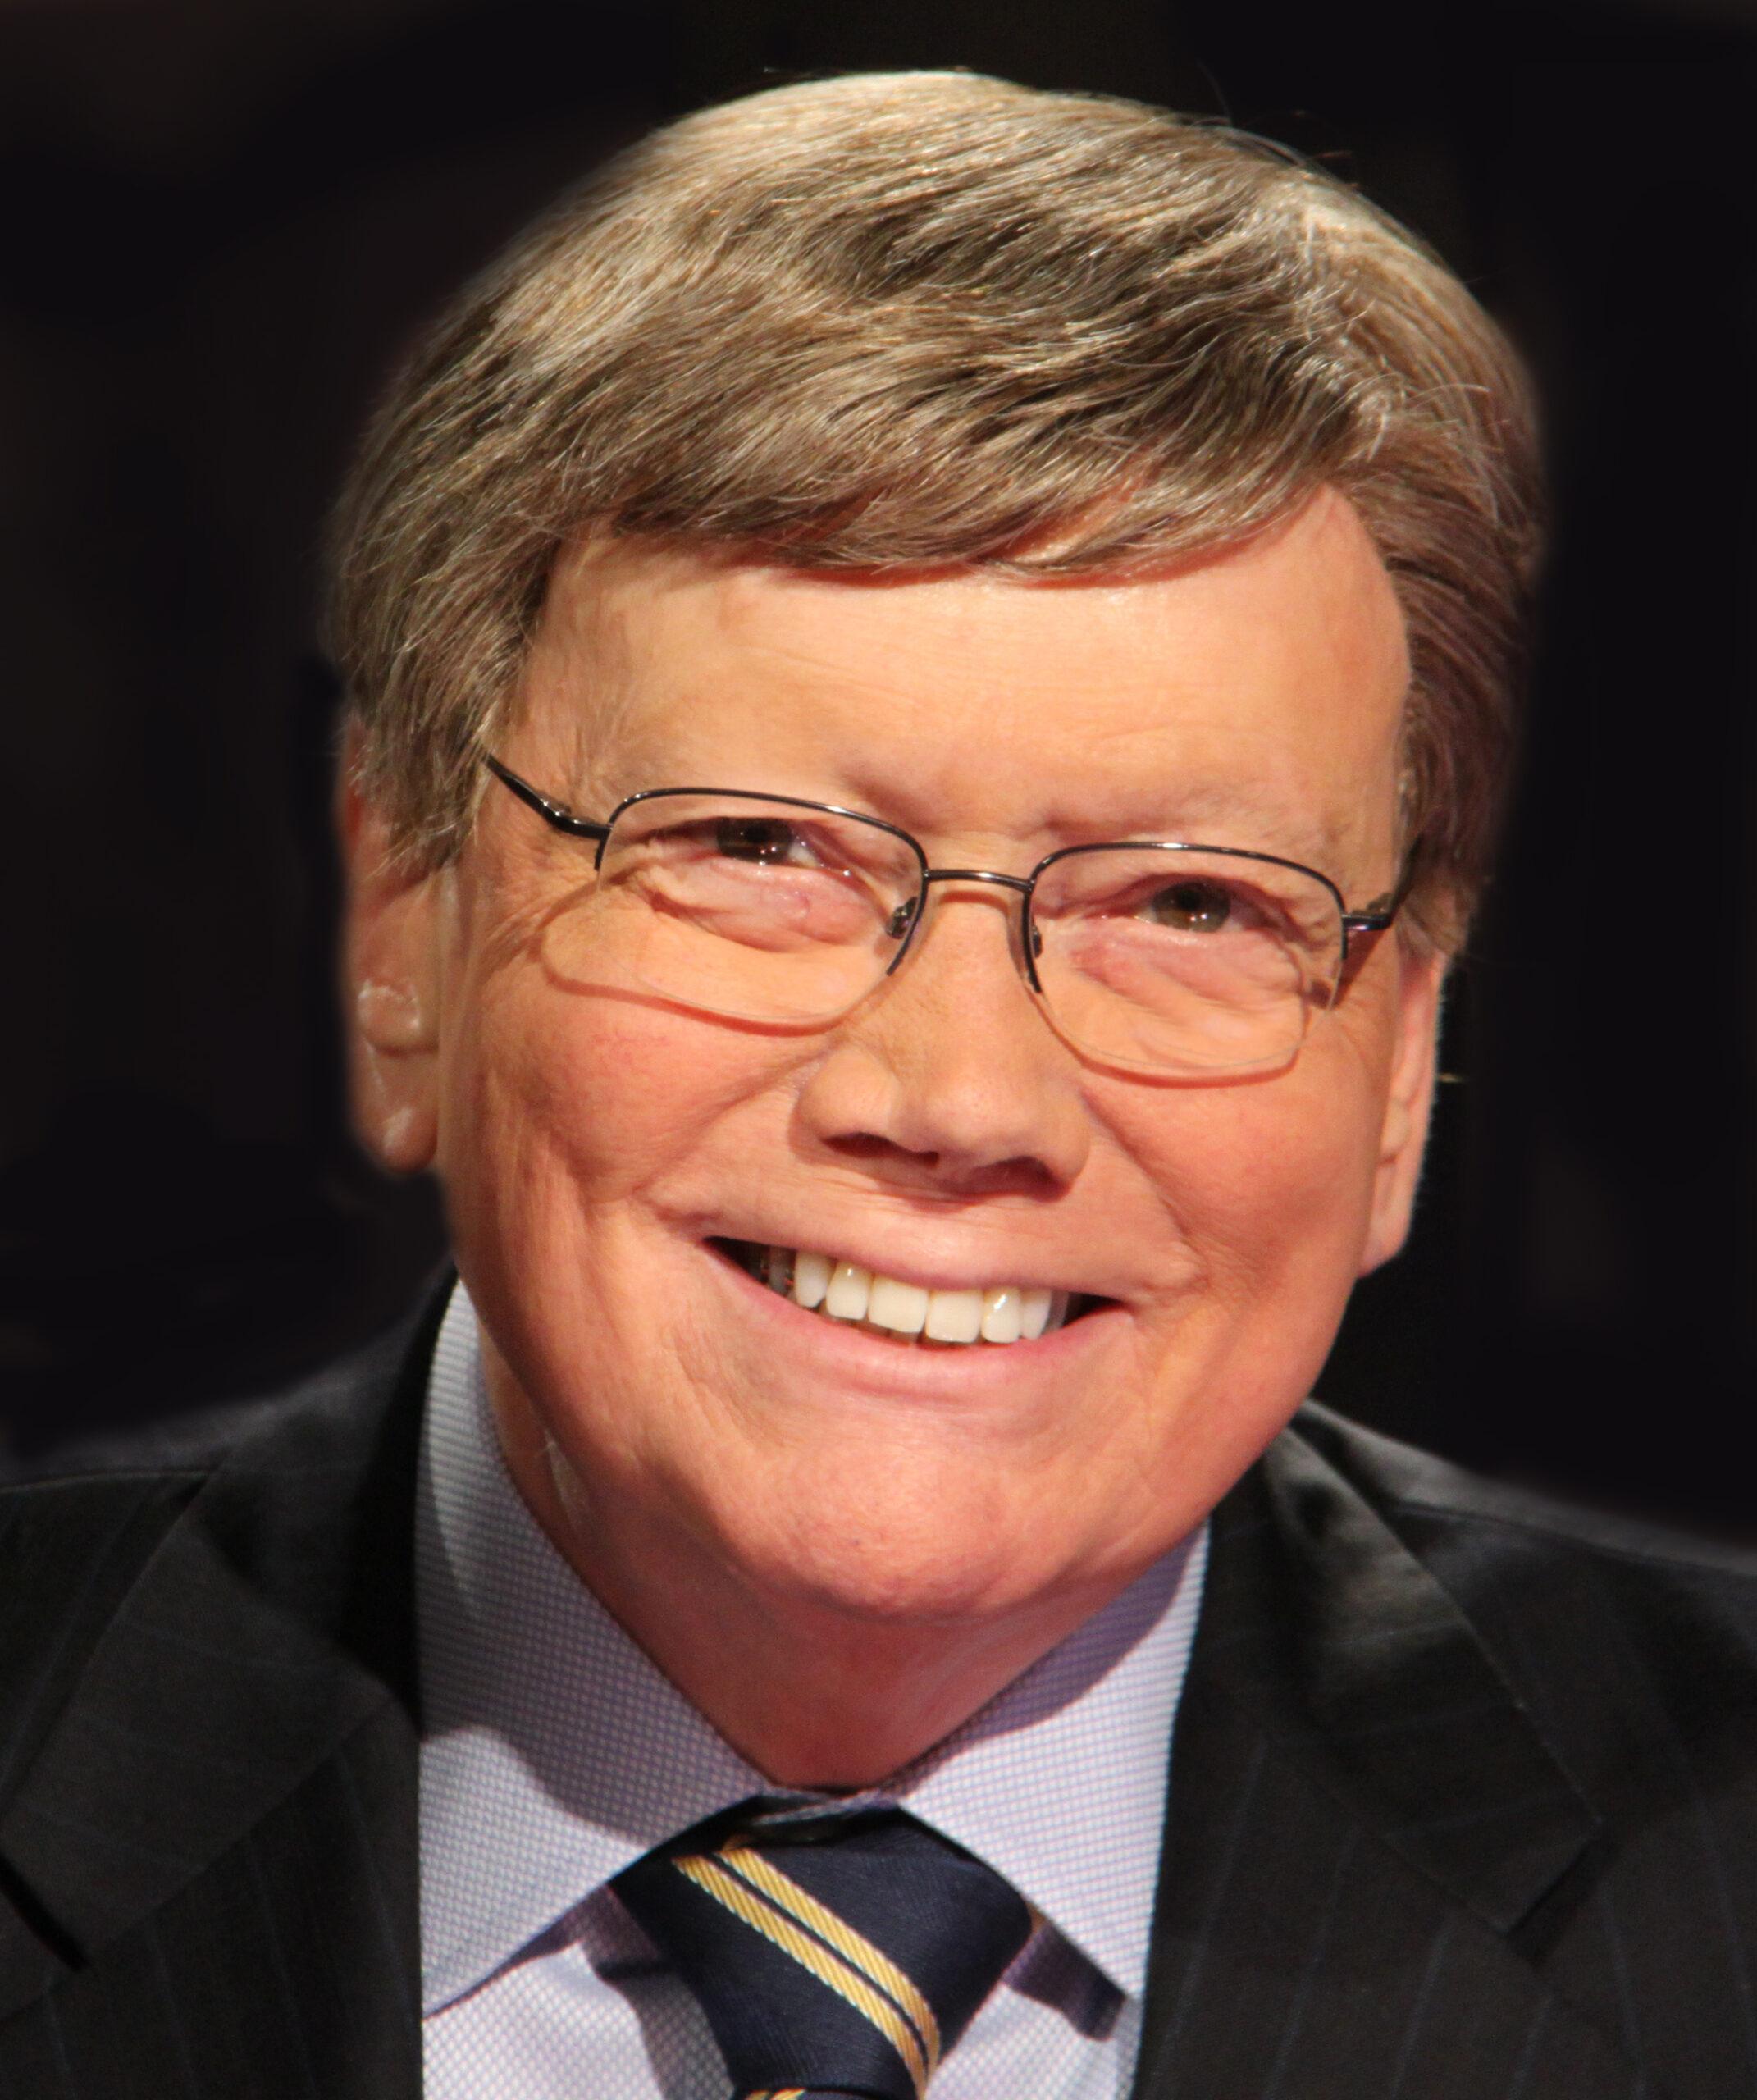 Ed Hinson